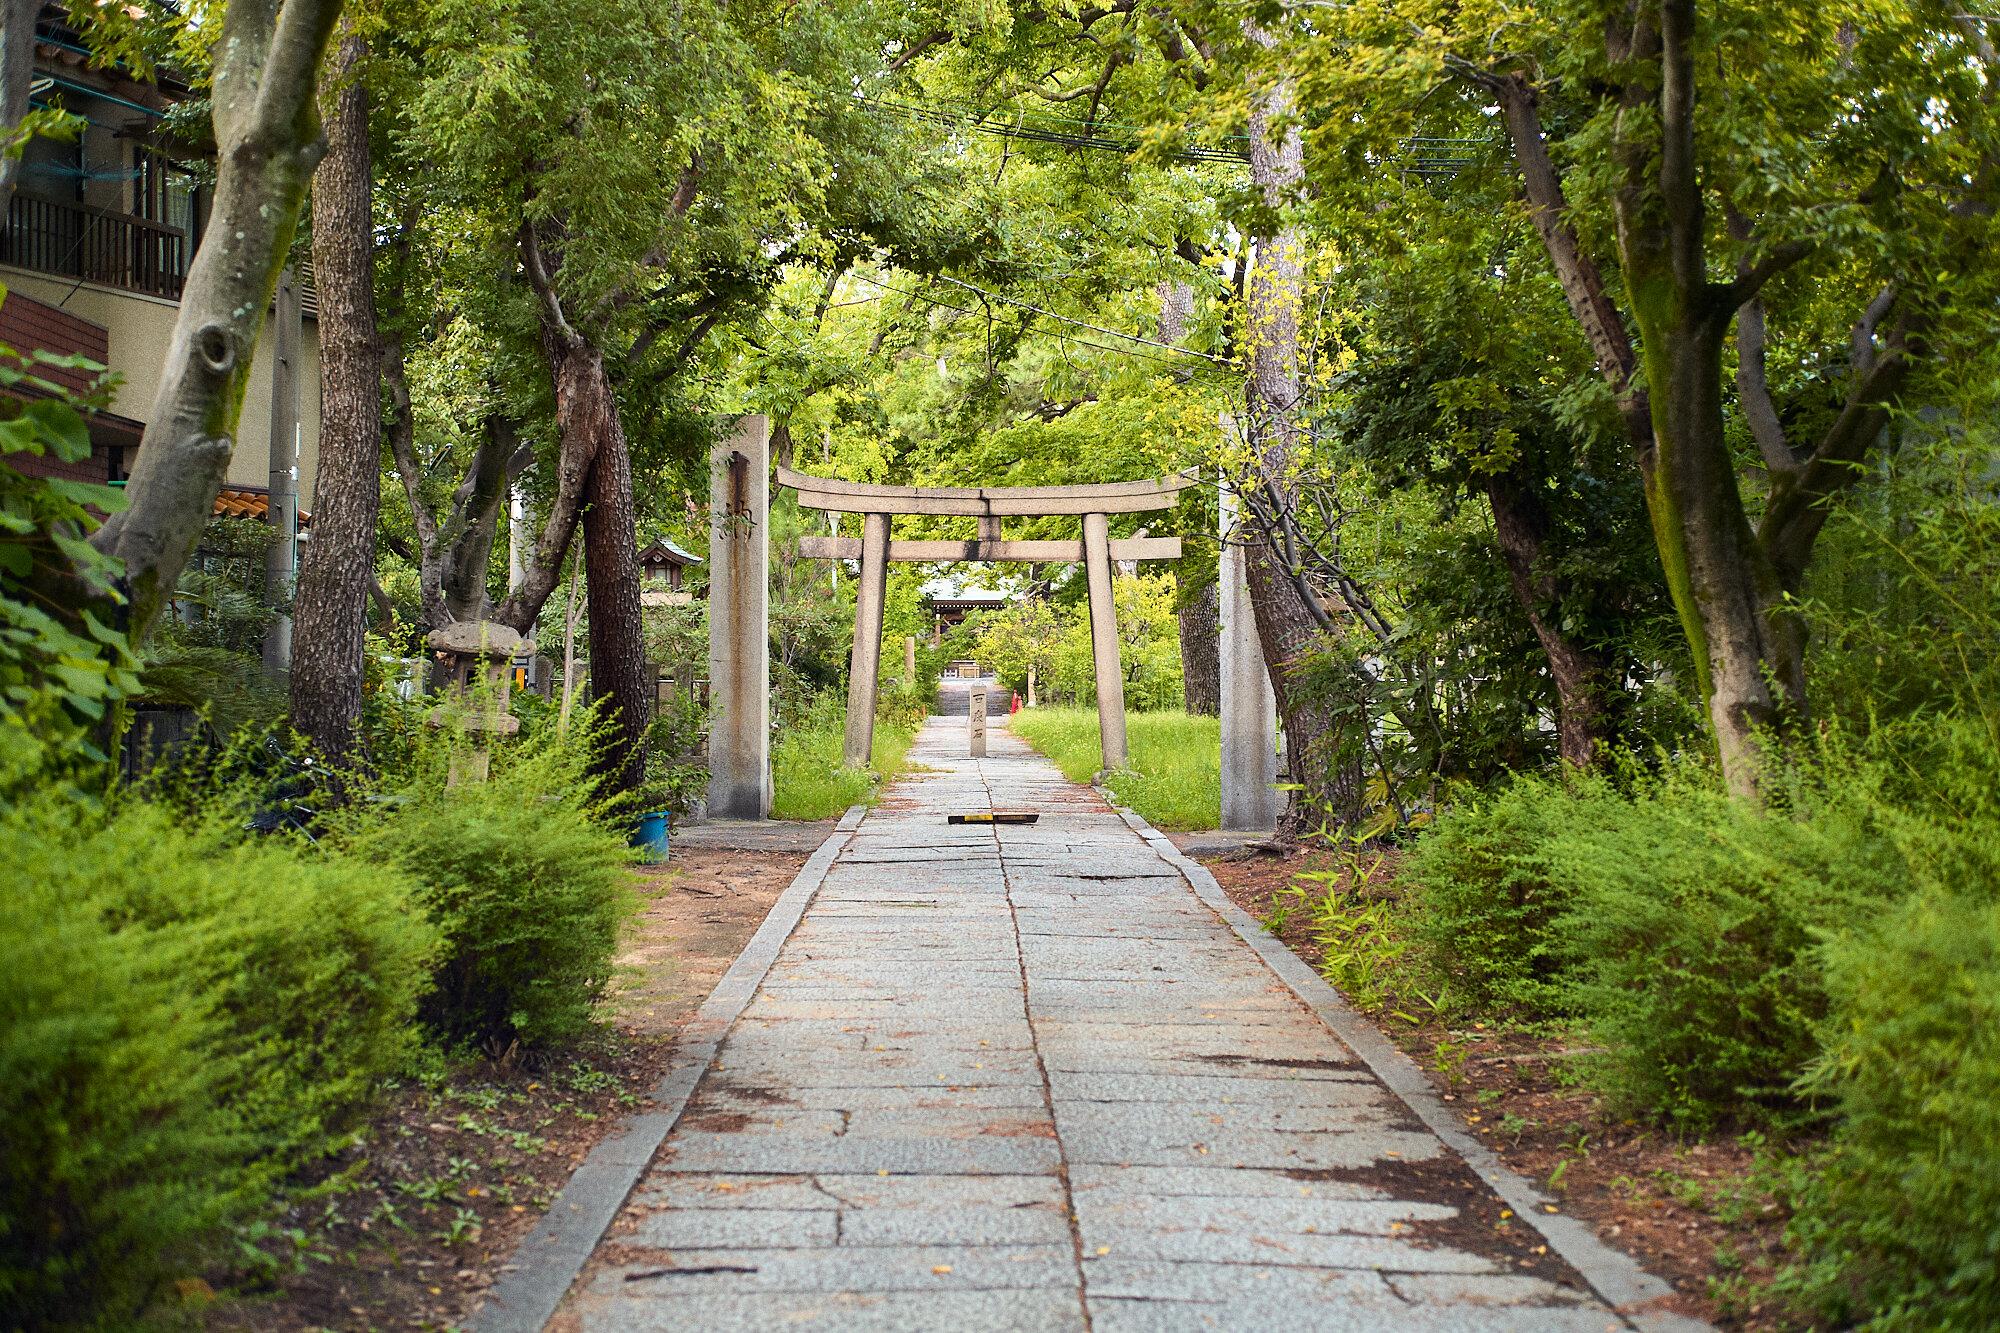 2019-09-13_Balade-Koshien_044.jpg